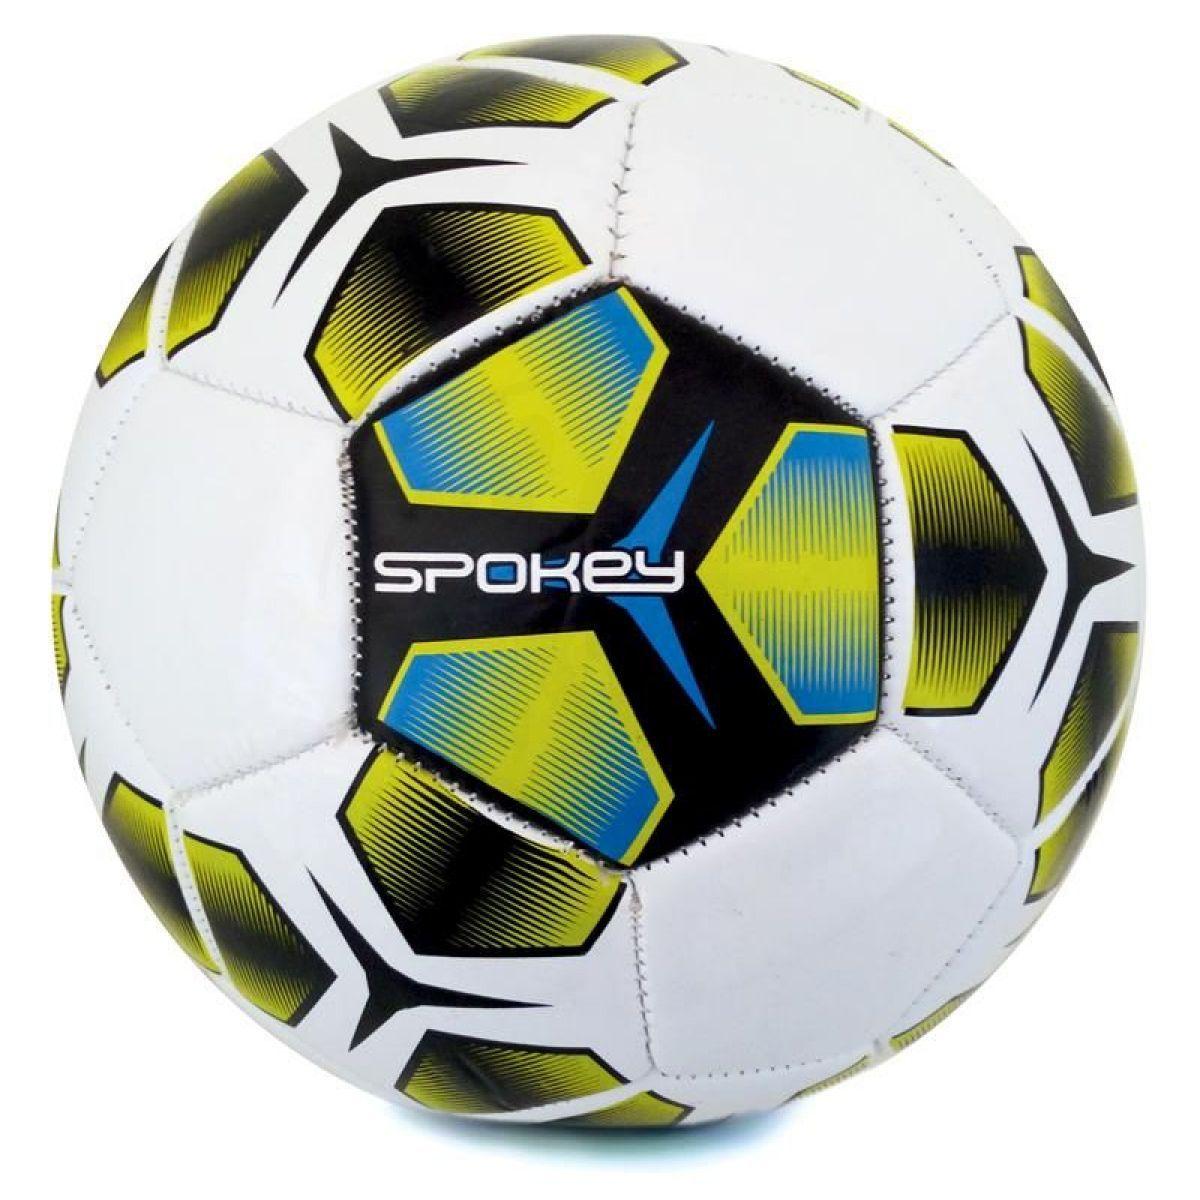 Spokey Haste fotbalový míč velikost 5 modrožlutý